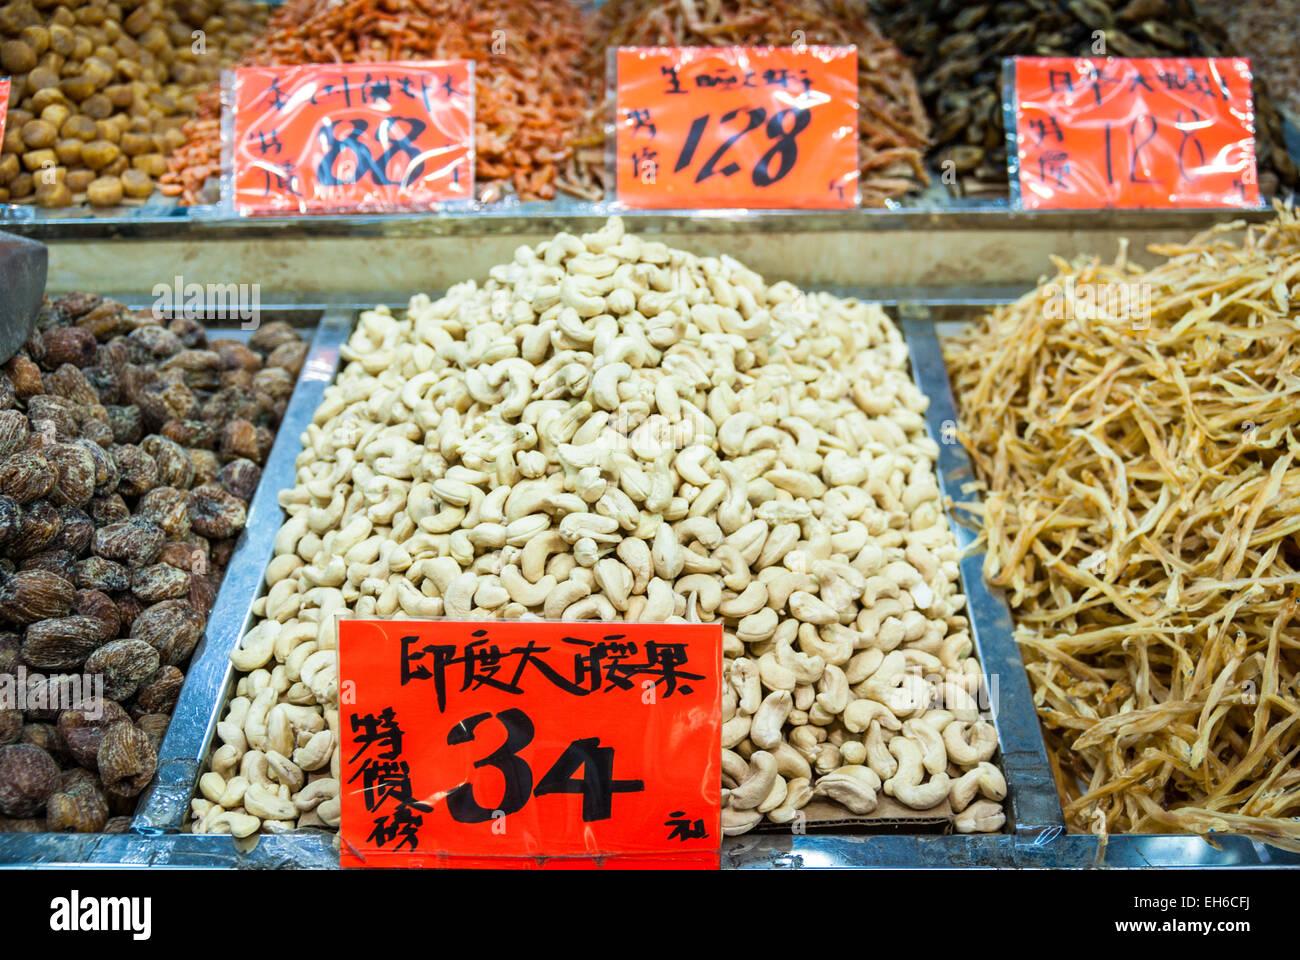 Les fruits séchés et les noix à vendre à Hong Kong Banque D'Images